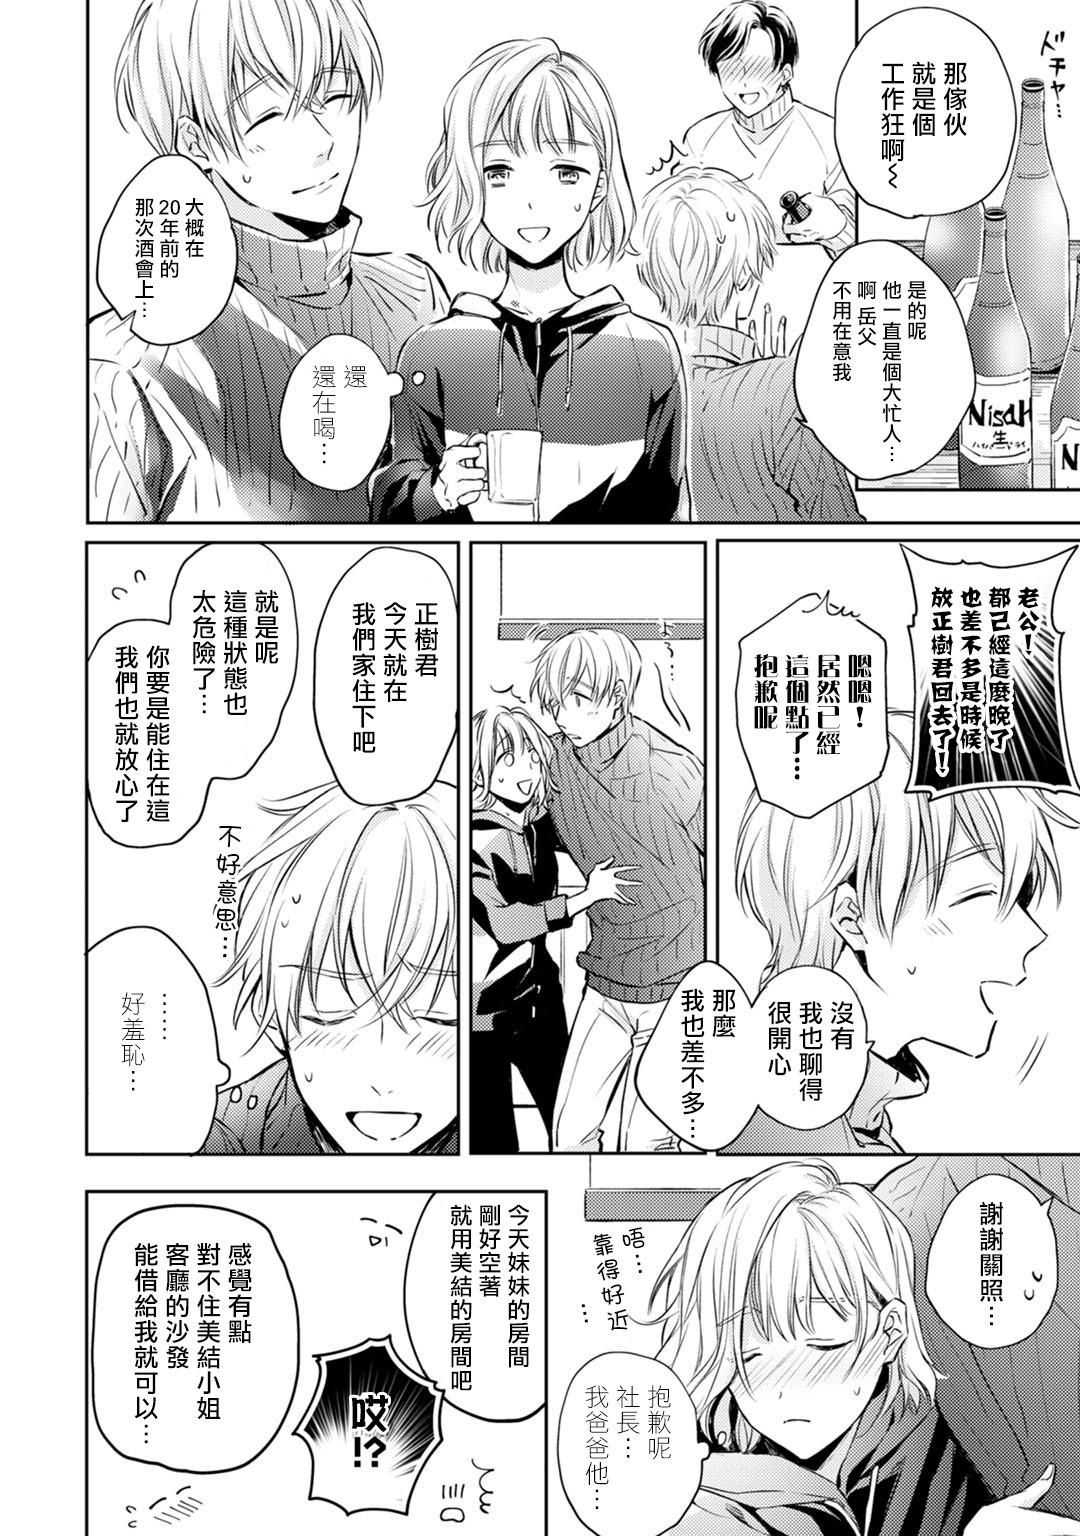 [Shichigatsu Motomi]  Sonna Kao shite, Sasotteru? ~Dekiai Shachou to Migawari Omiaikekkon!?~ 1-11  這種表情,在誘惑我嗎?~溺愛社長和替身相親結婚!? [Chinese] [拾荒者汉化组] 40